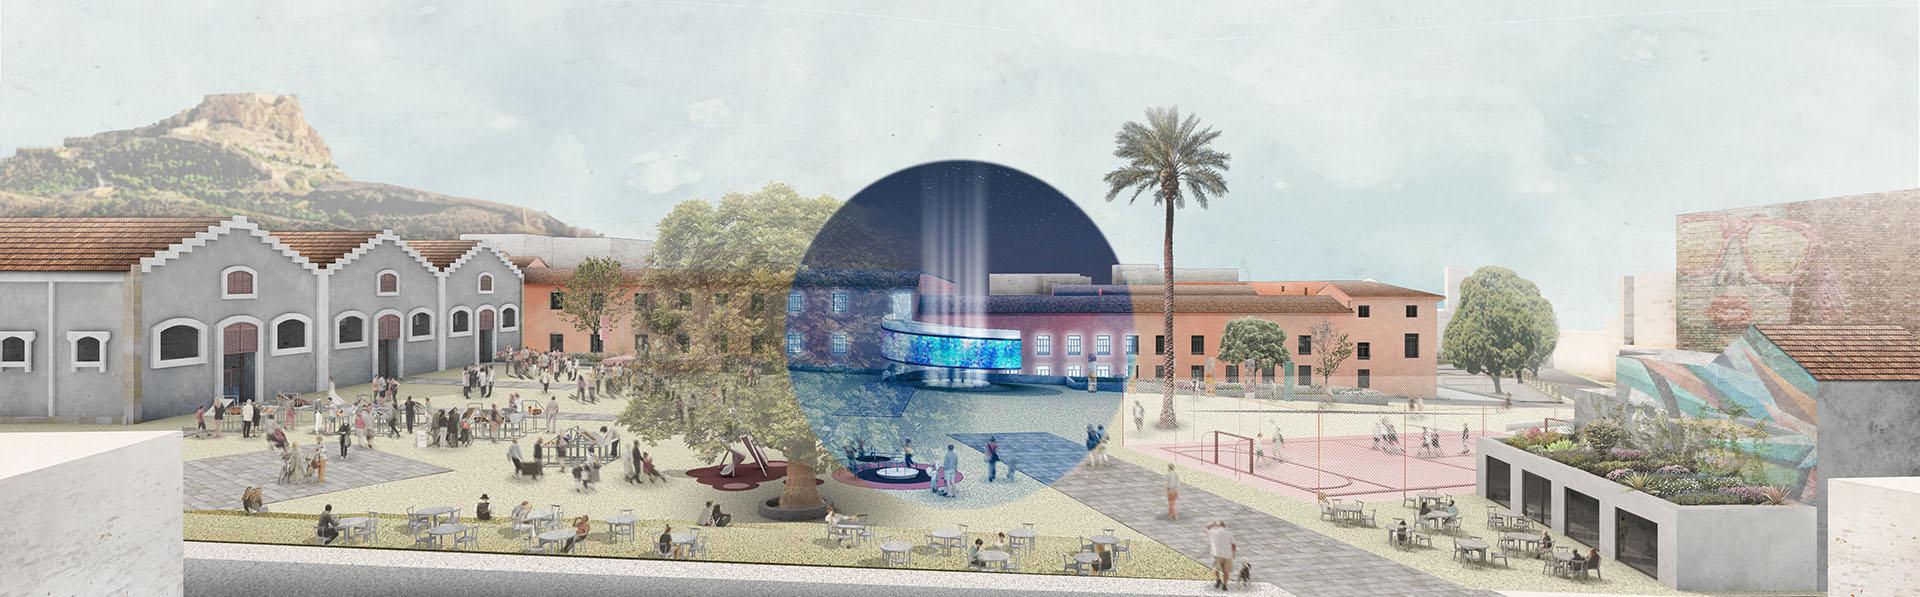 PLAYstudio_Cigarreras_Alicante_ 01 Plaza